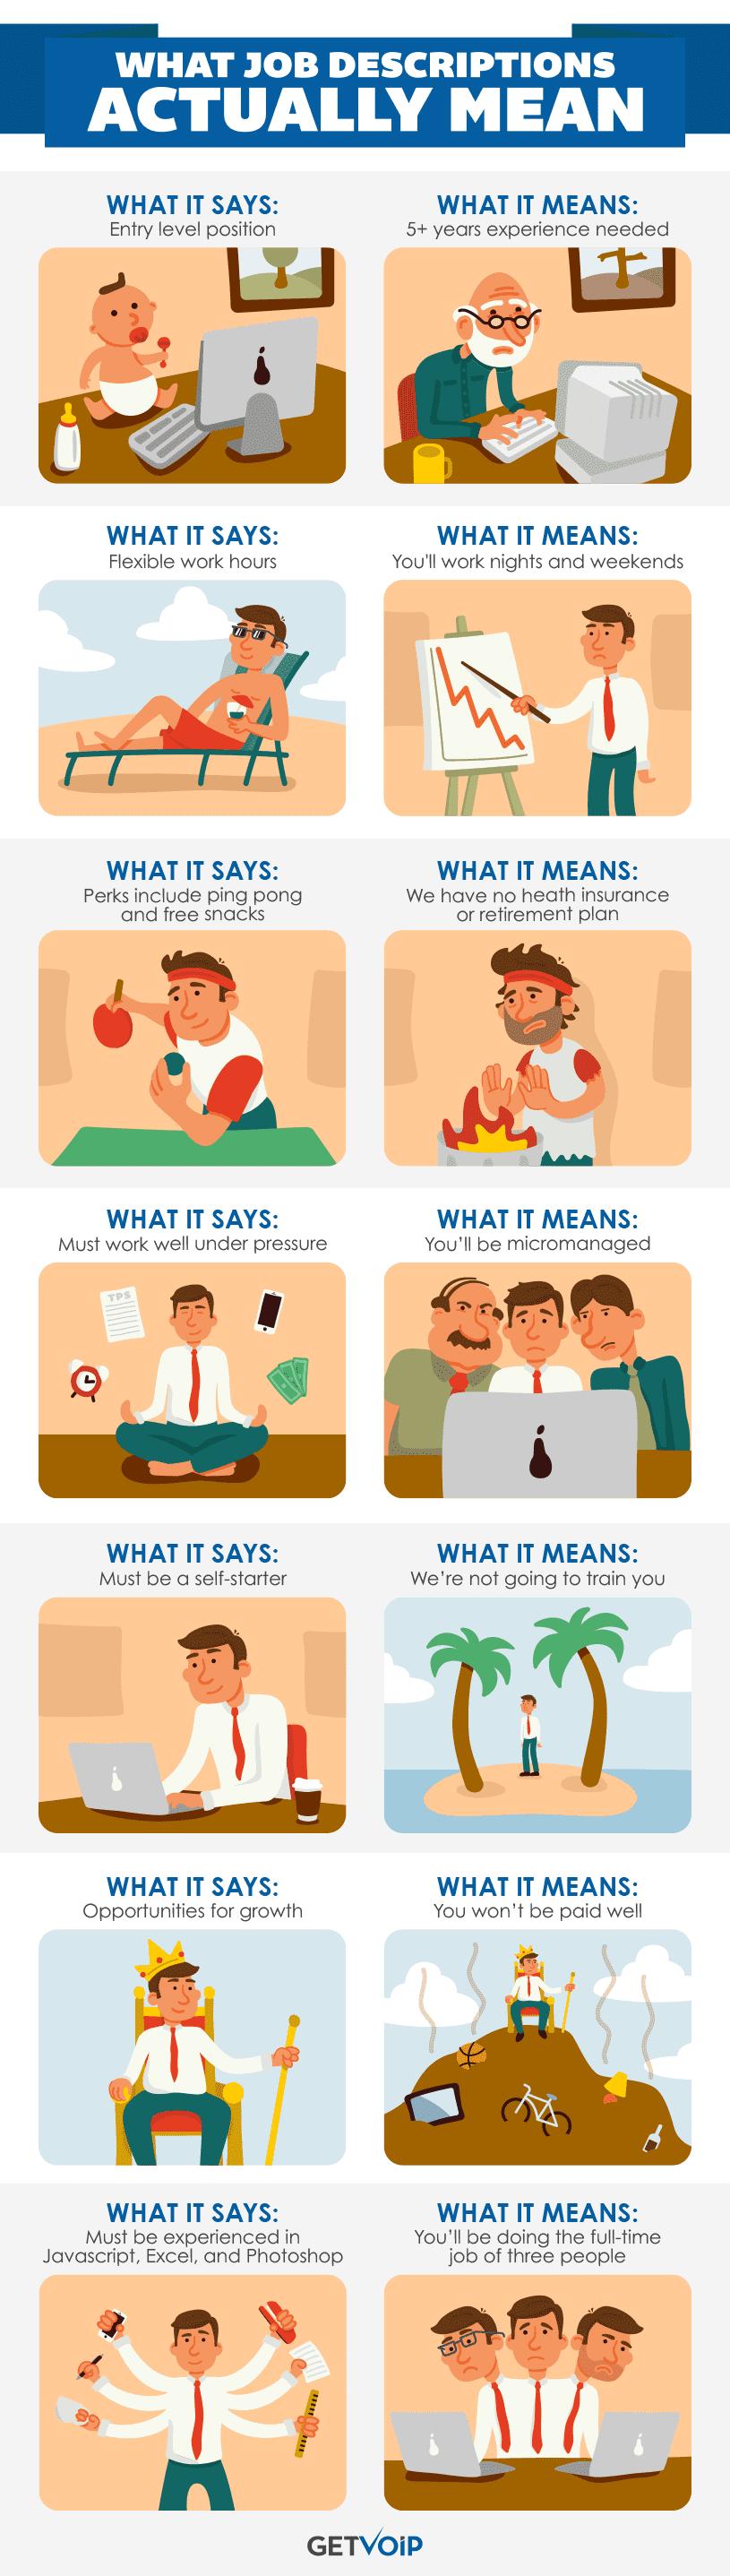 What Job Descriptions Actually Mean